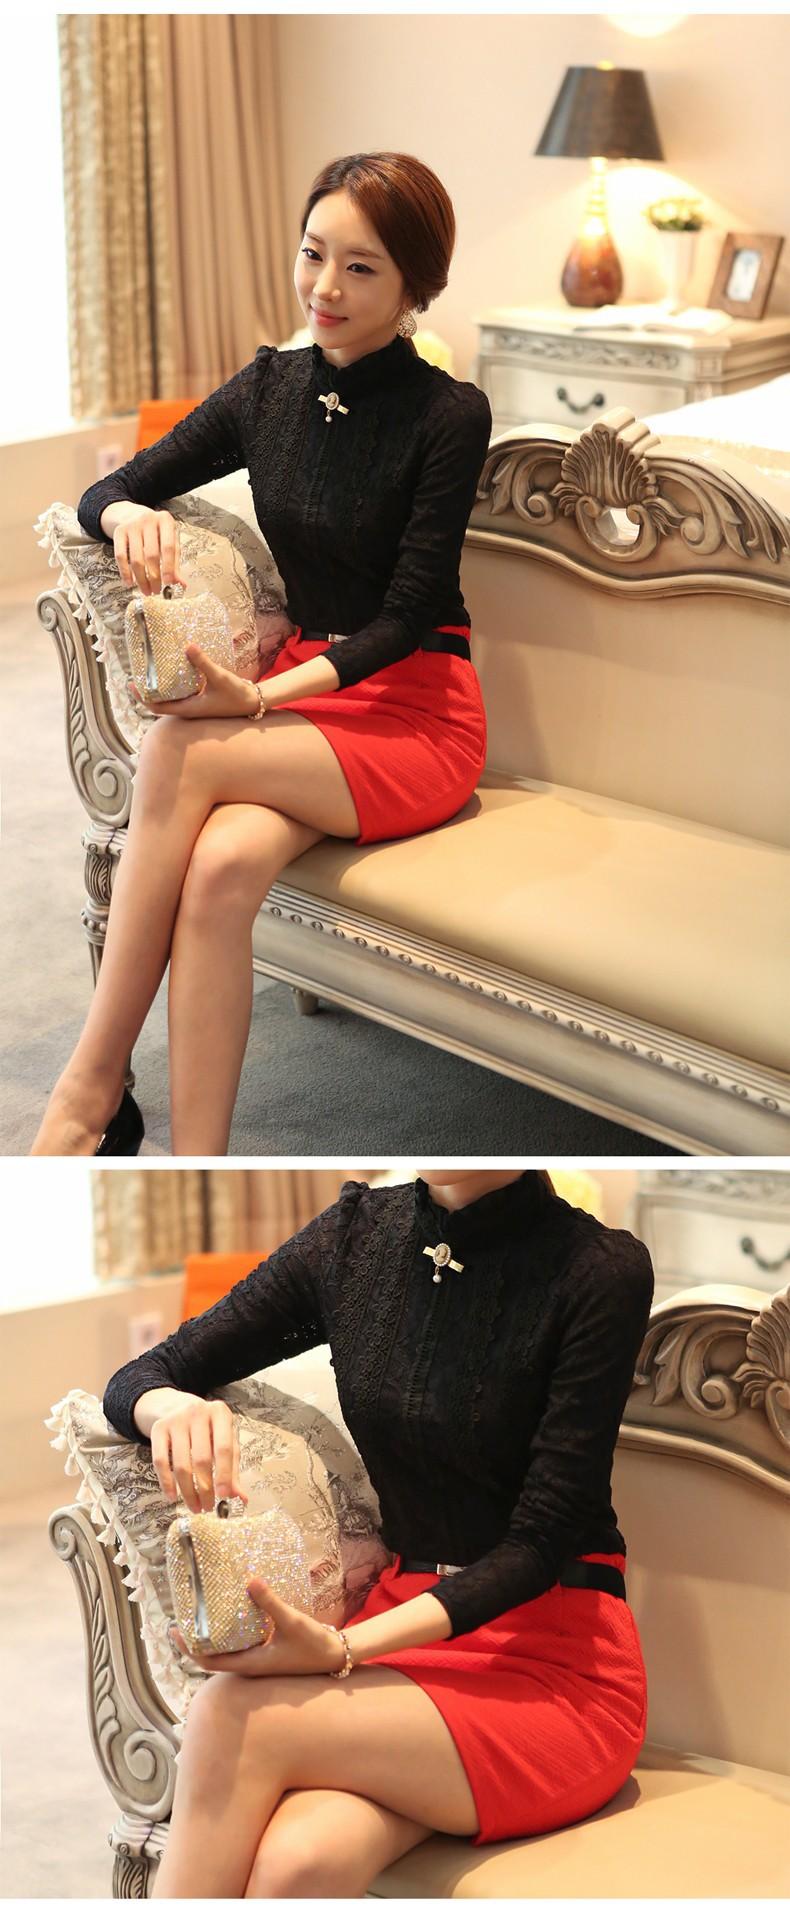 HTB1WpzEGVXXXXXyXVXXq6xXFXXXh - New Lace Shirt Women Clothing Blusas Femininas Blouses